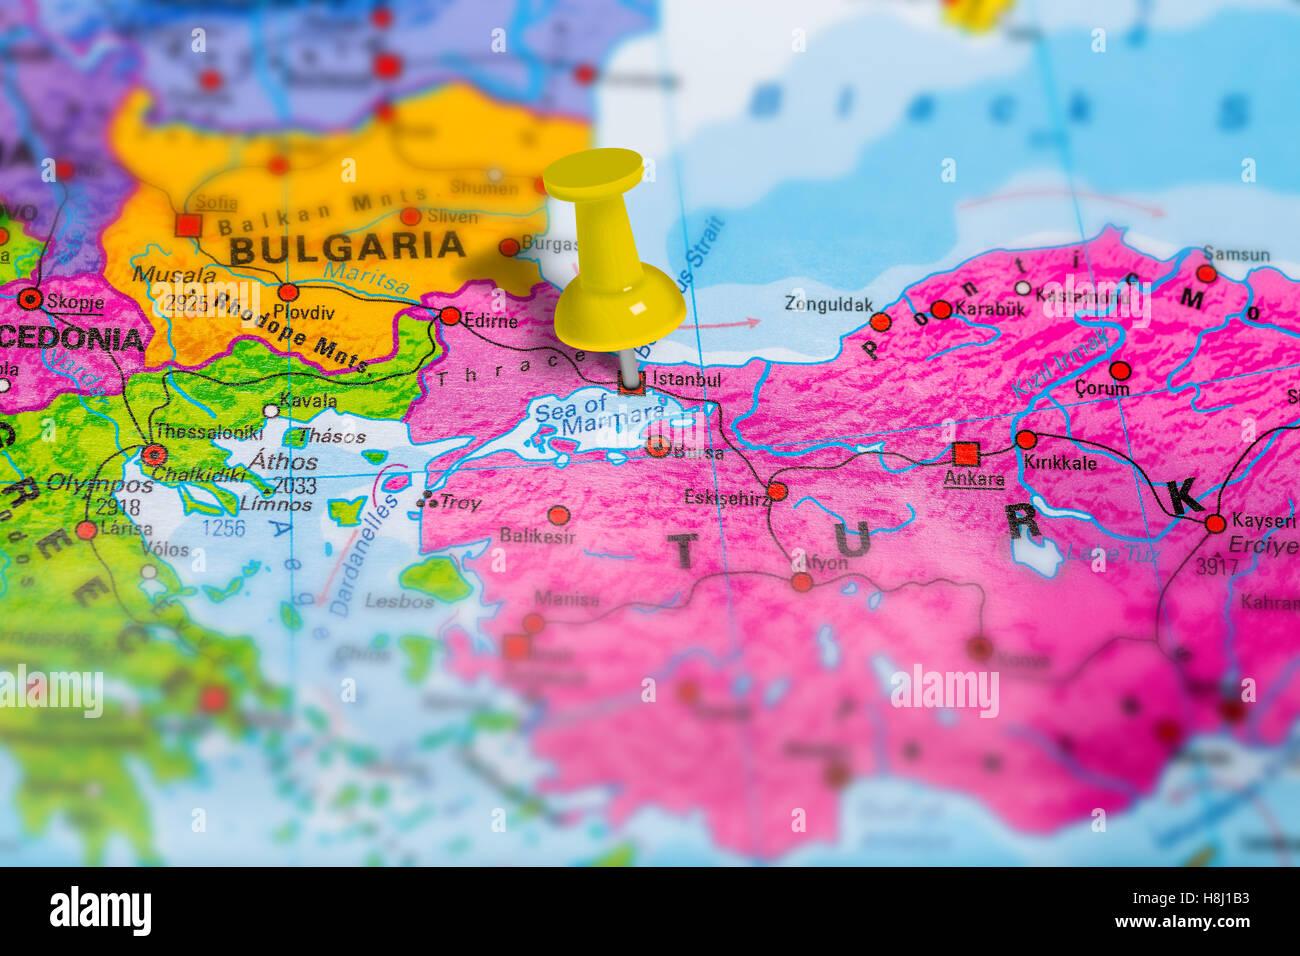 Istanbul Turkey map Stock Photo 125786055 Alamy